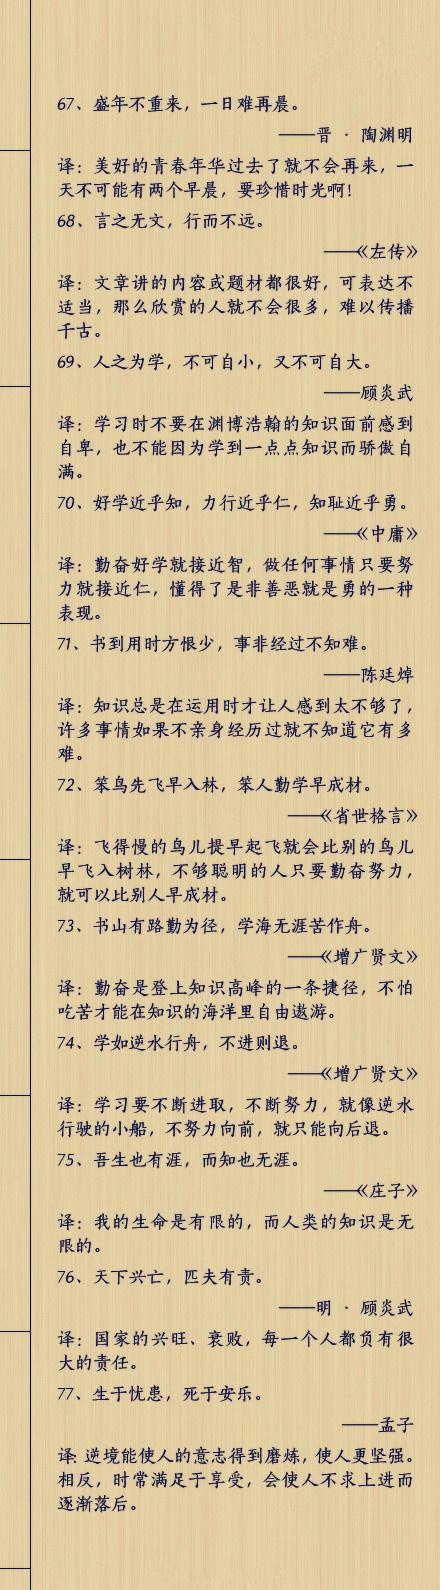 高中名言警句积累_语文高中作文素材-升学入学学习语文